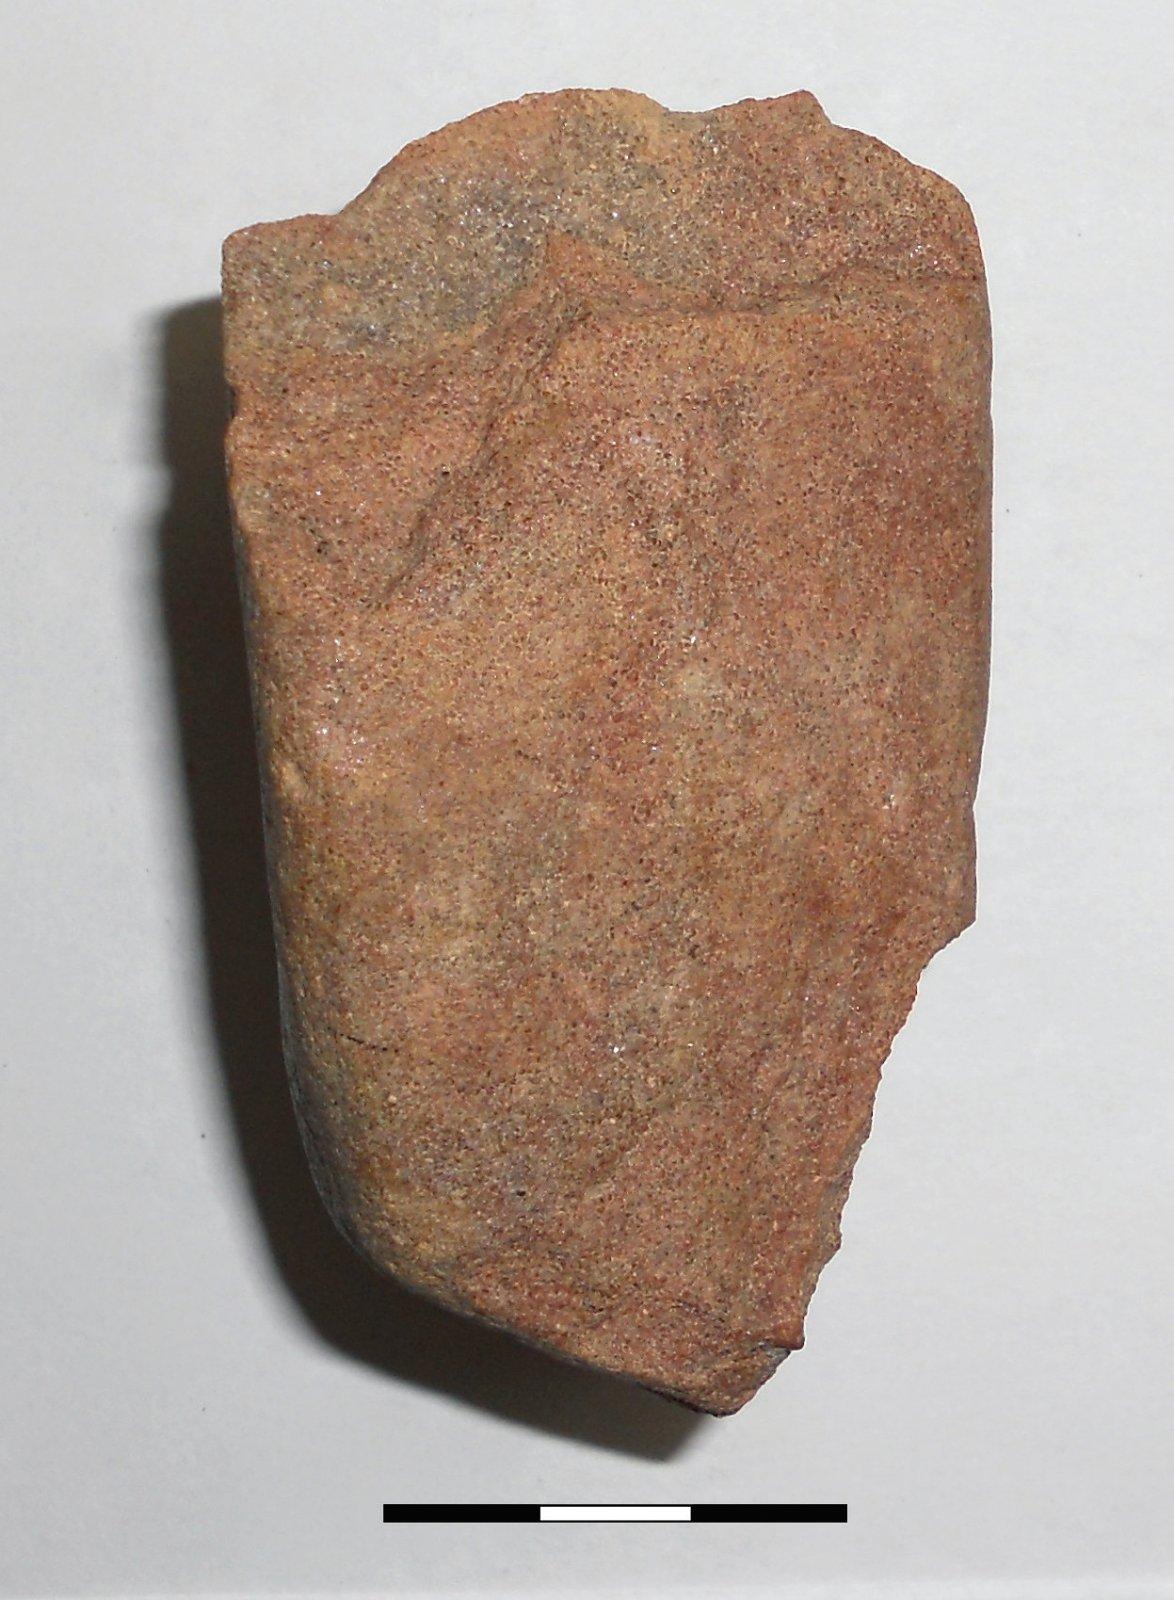 18 pav. Čipingo tipo skaldytas akmuo, Sudota 2, LNM (Gabrielės Gudaitienės nuotrauka) / Fig. 18. Chipping type stone artefact from Sudota 2